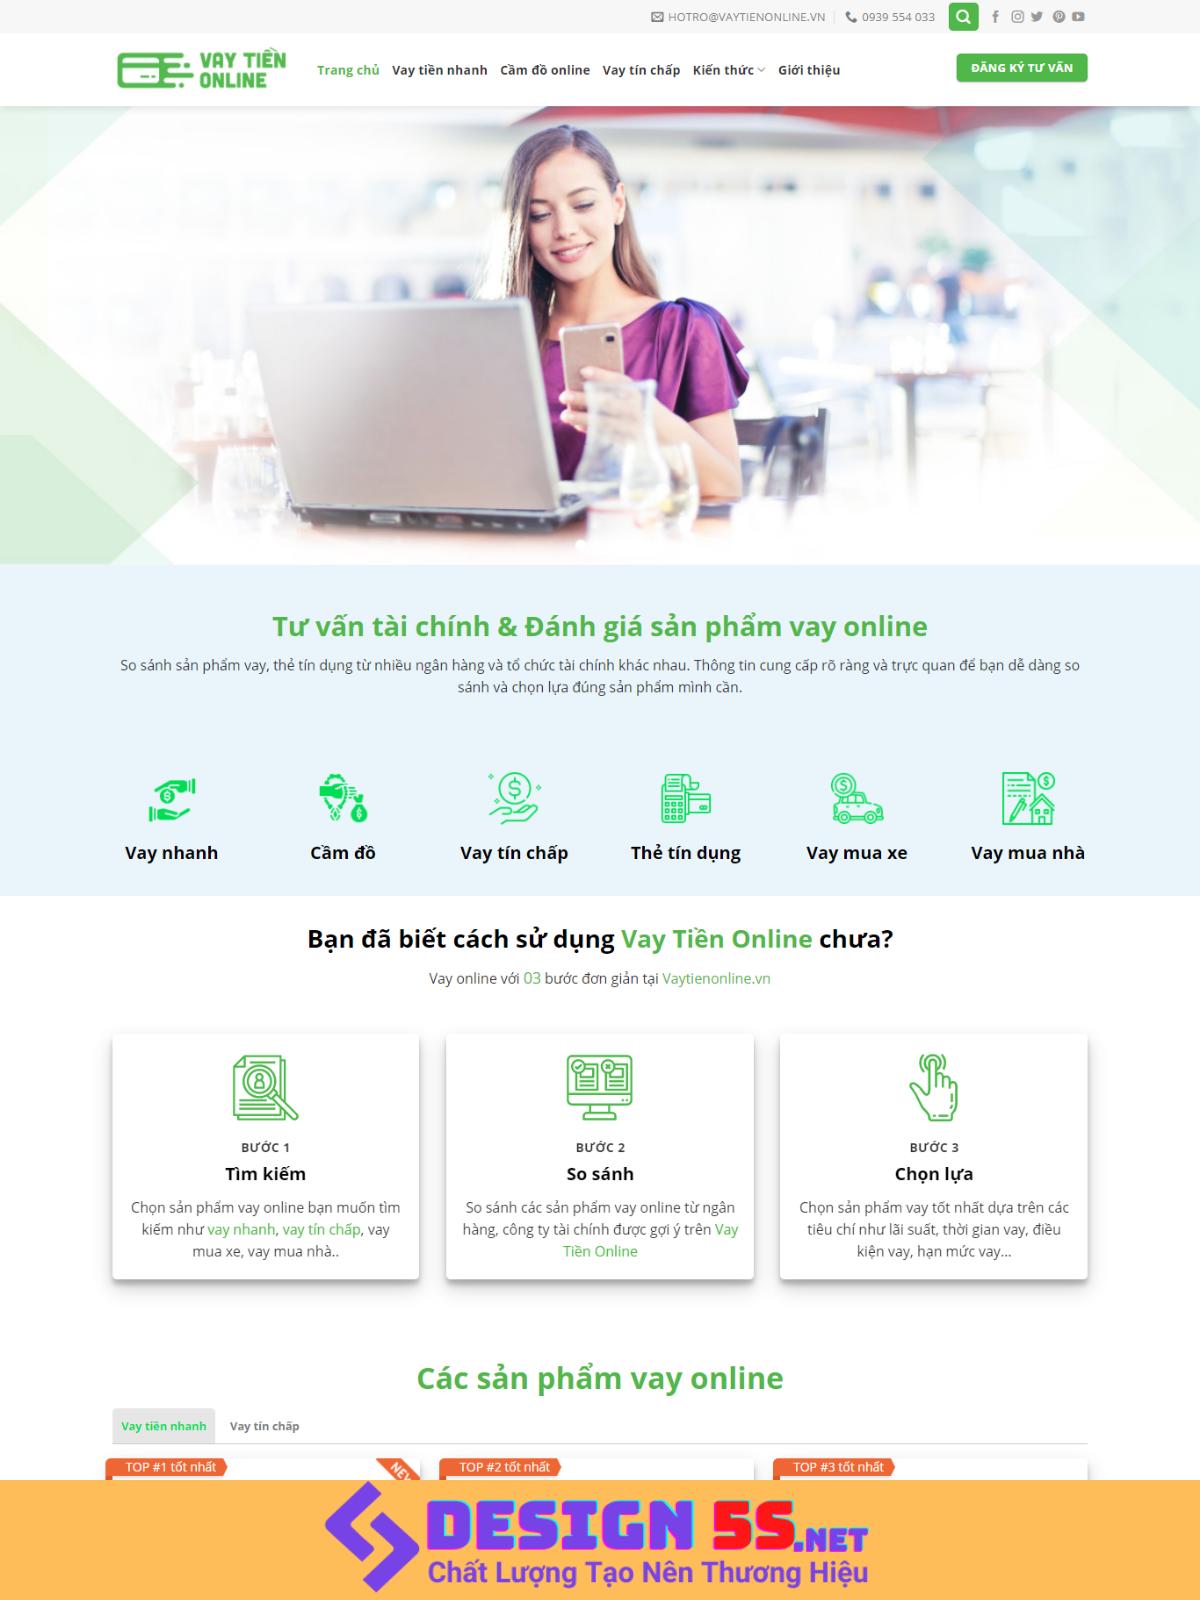 Theme blogspot dịch vụ cho vay tiền online VSM76 - Ảnh 1